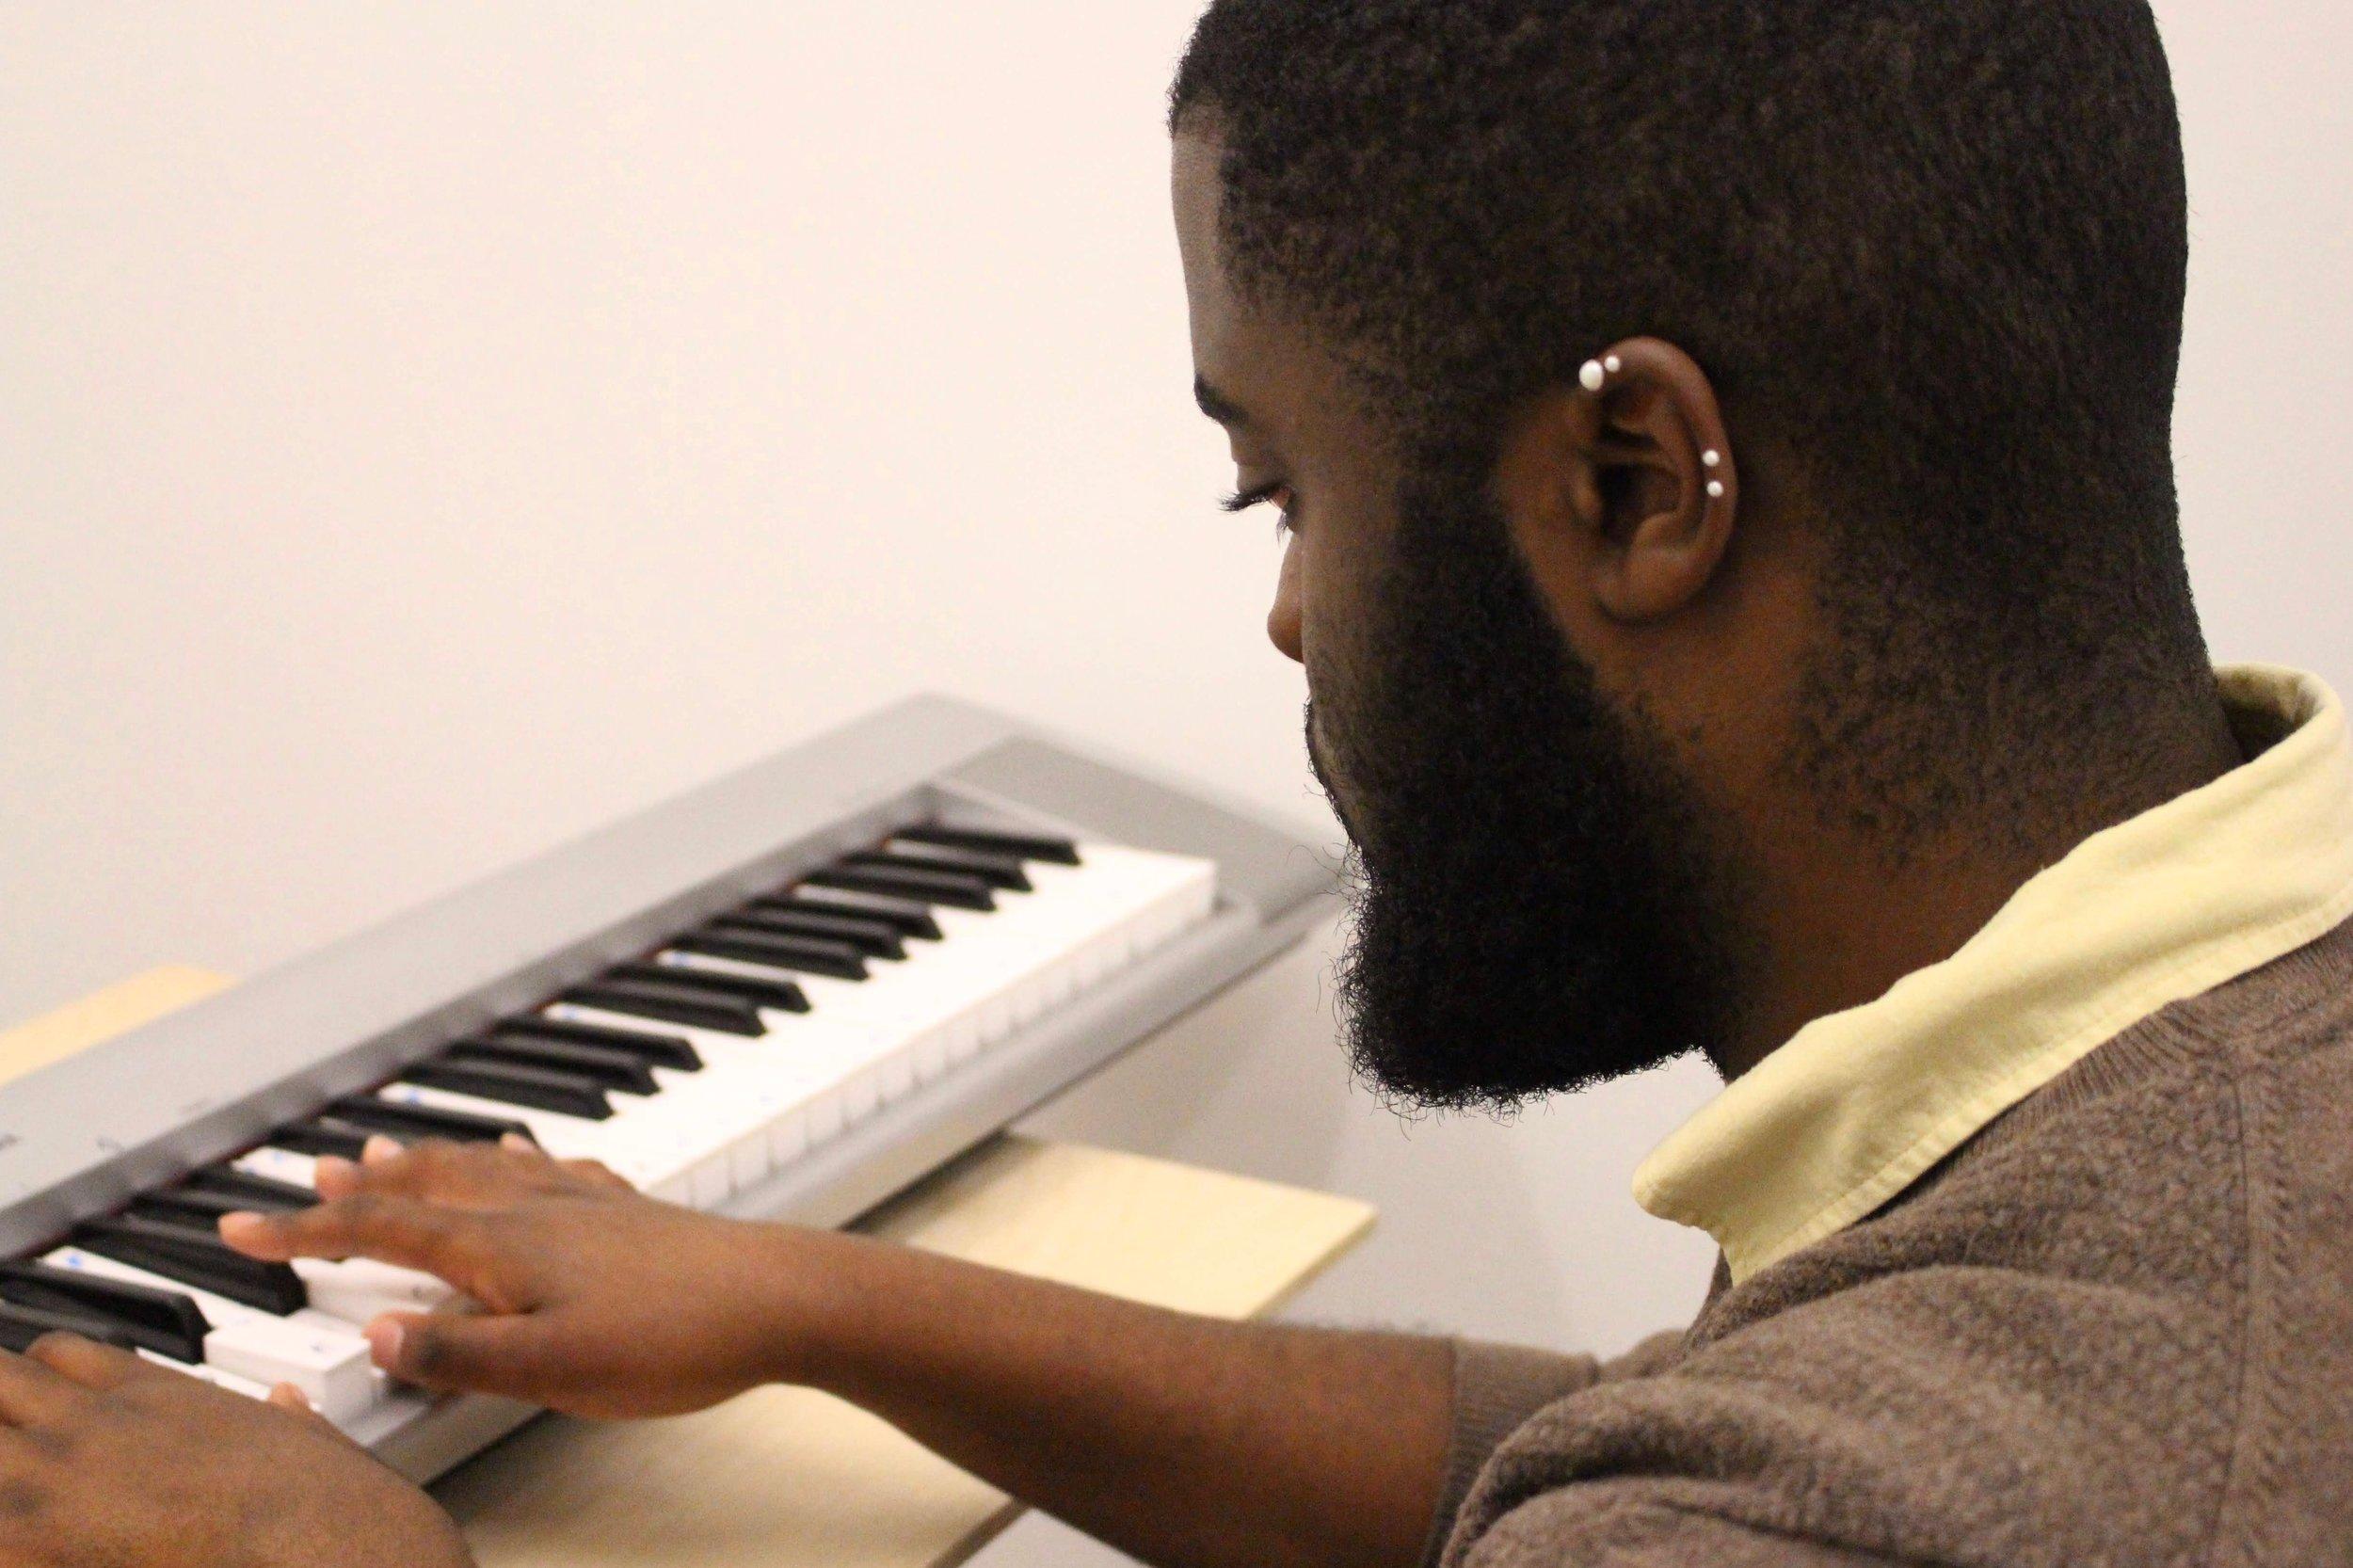 Keyboardist Corneille Tshibasu